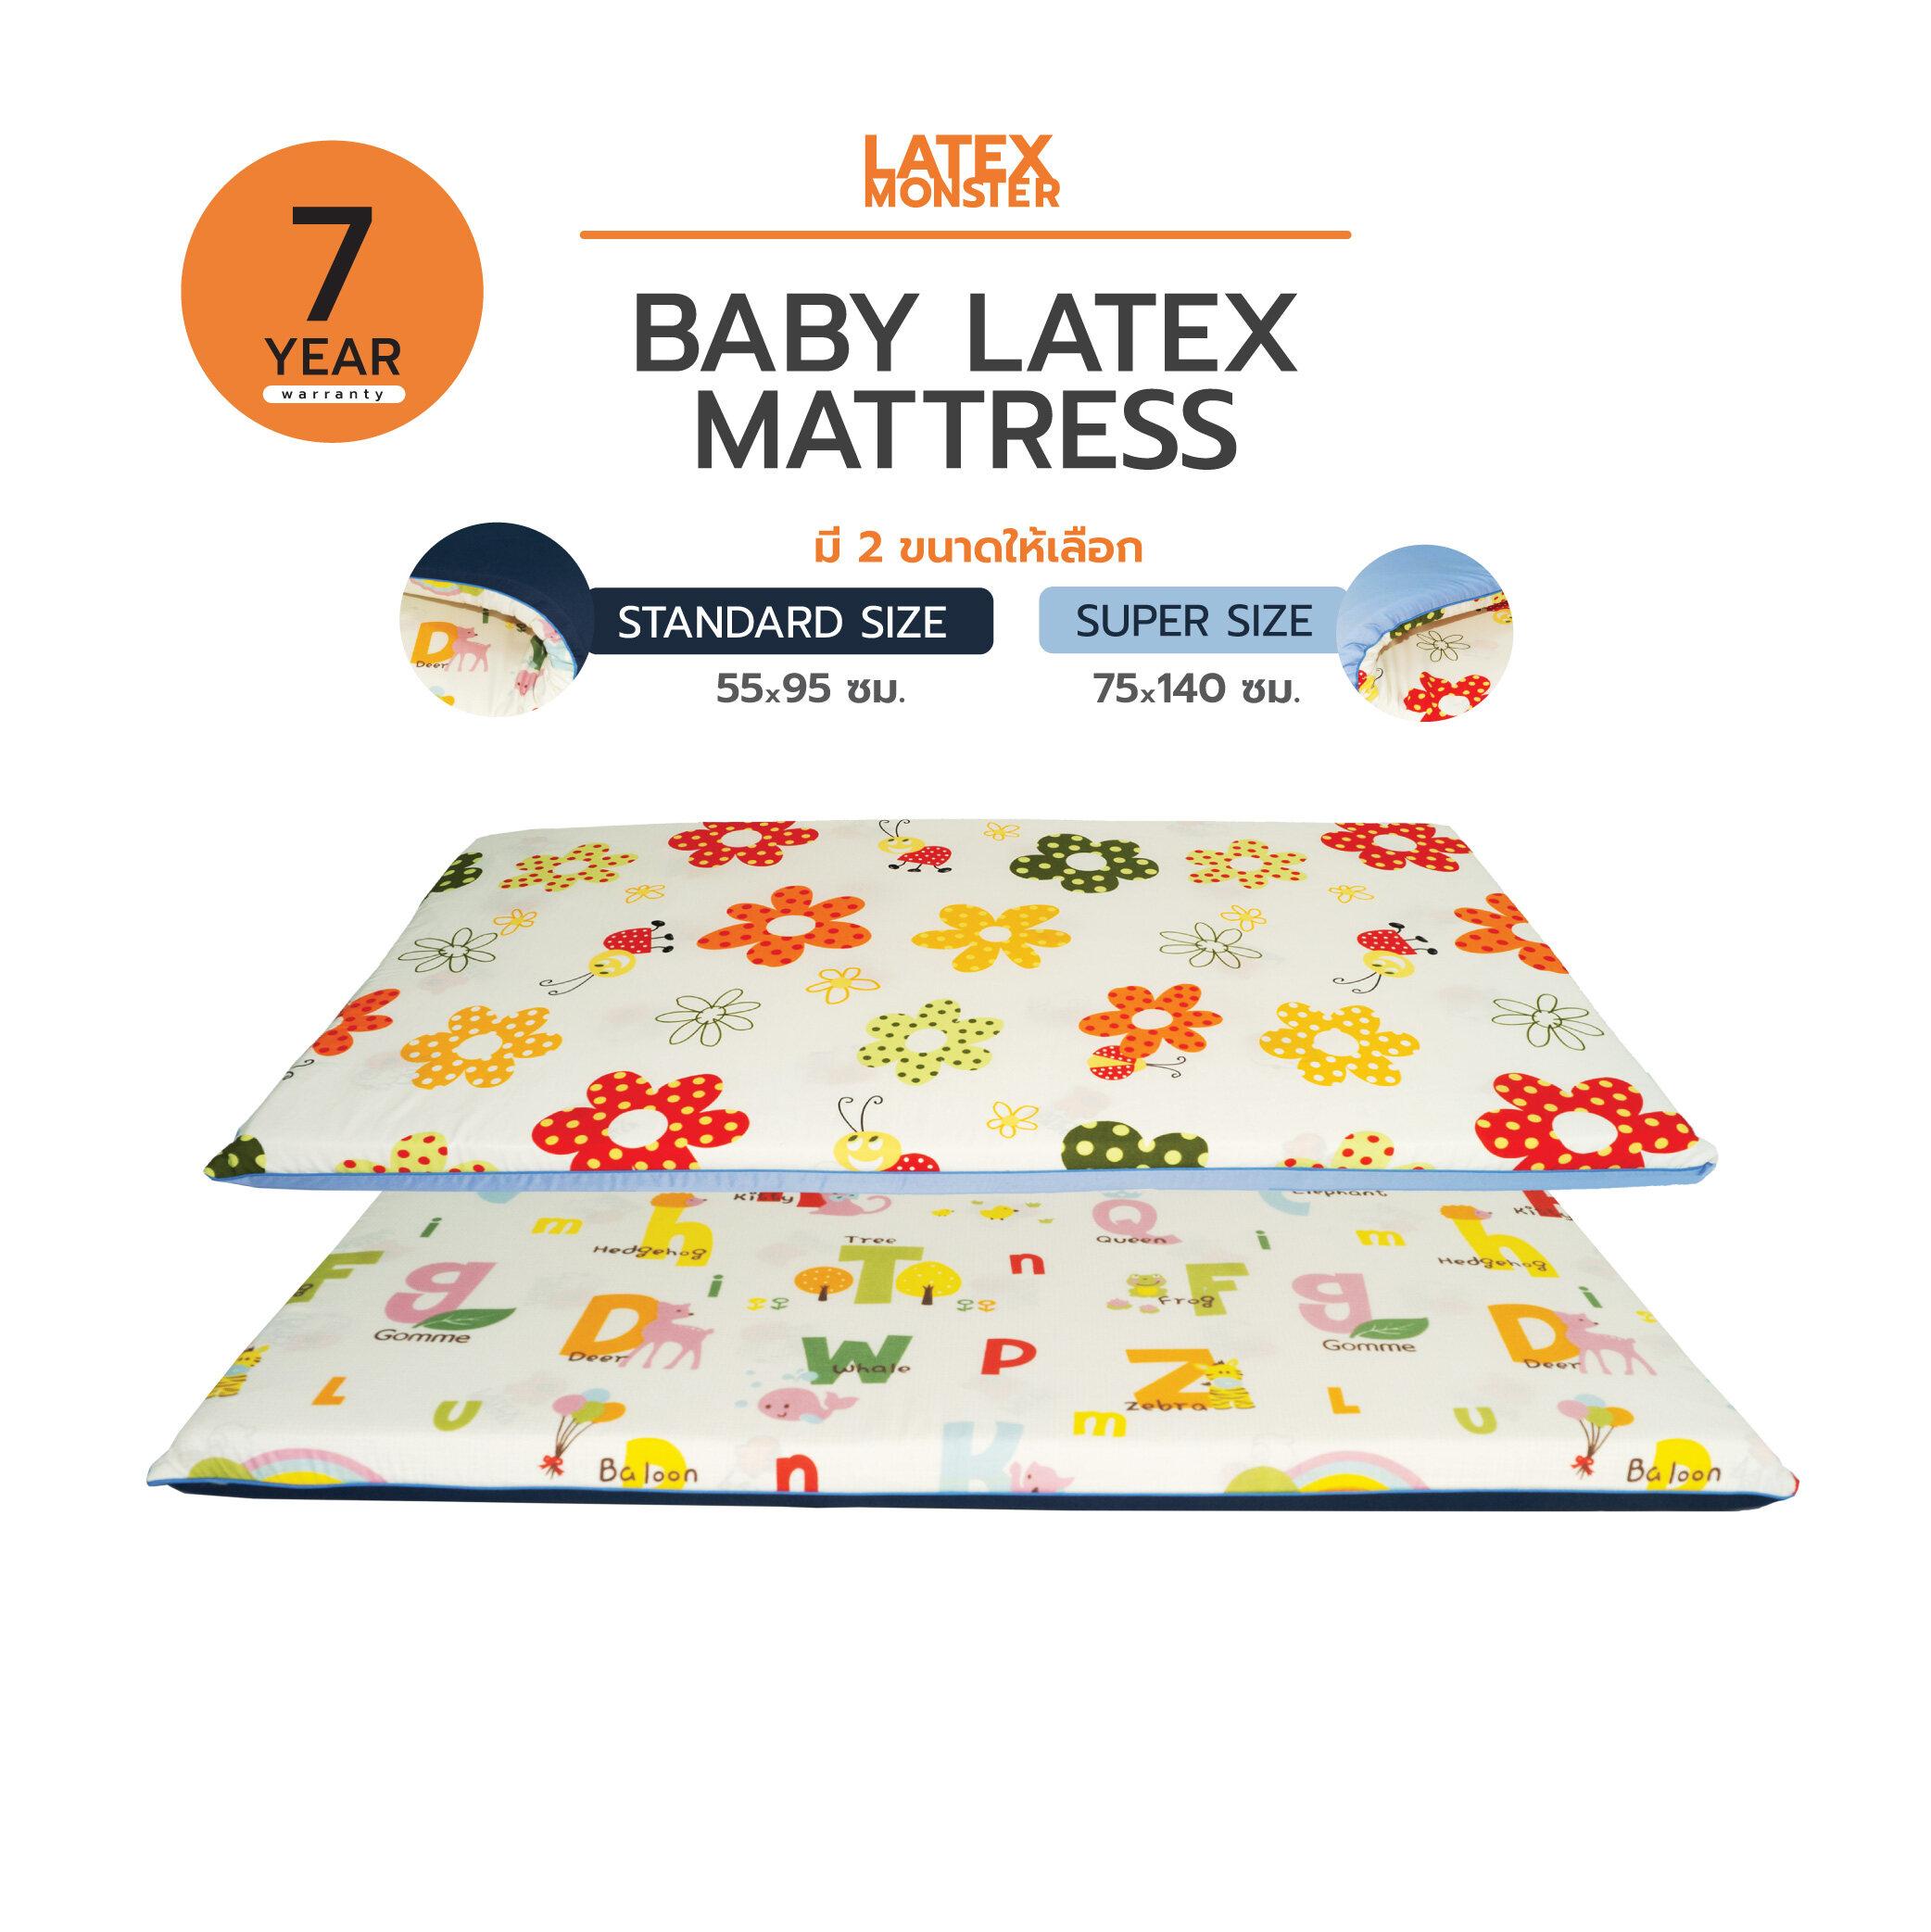 แนะนำ ที่นอนเด็กยางพาราแท้- เบาะนอนเด็กยางพาราแท้ ที่นอนยางพาราแท้สำหรับเด็ก มี 2 ขนาด 2 ความหนา (Baby Latex Mattress)